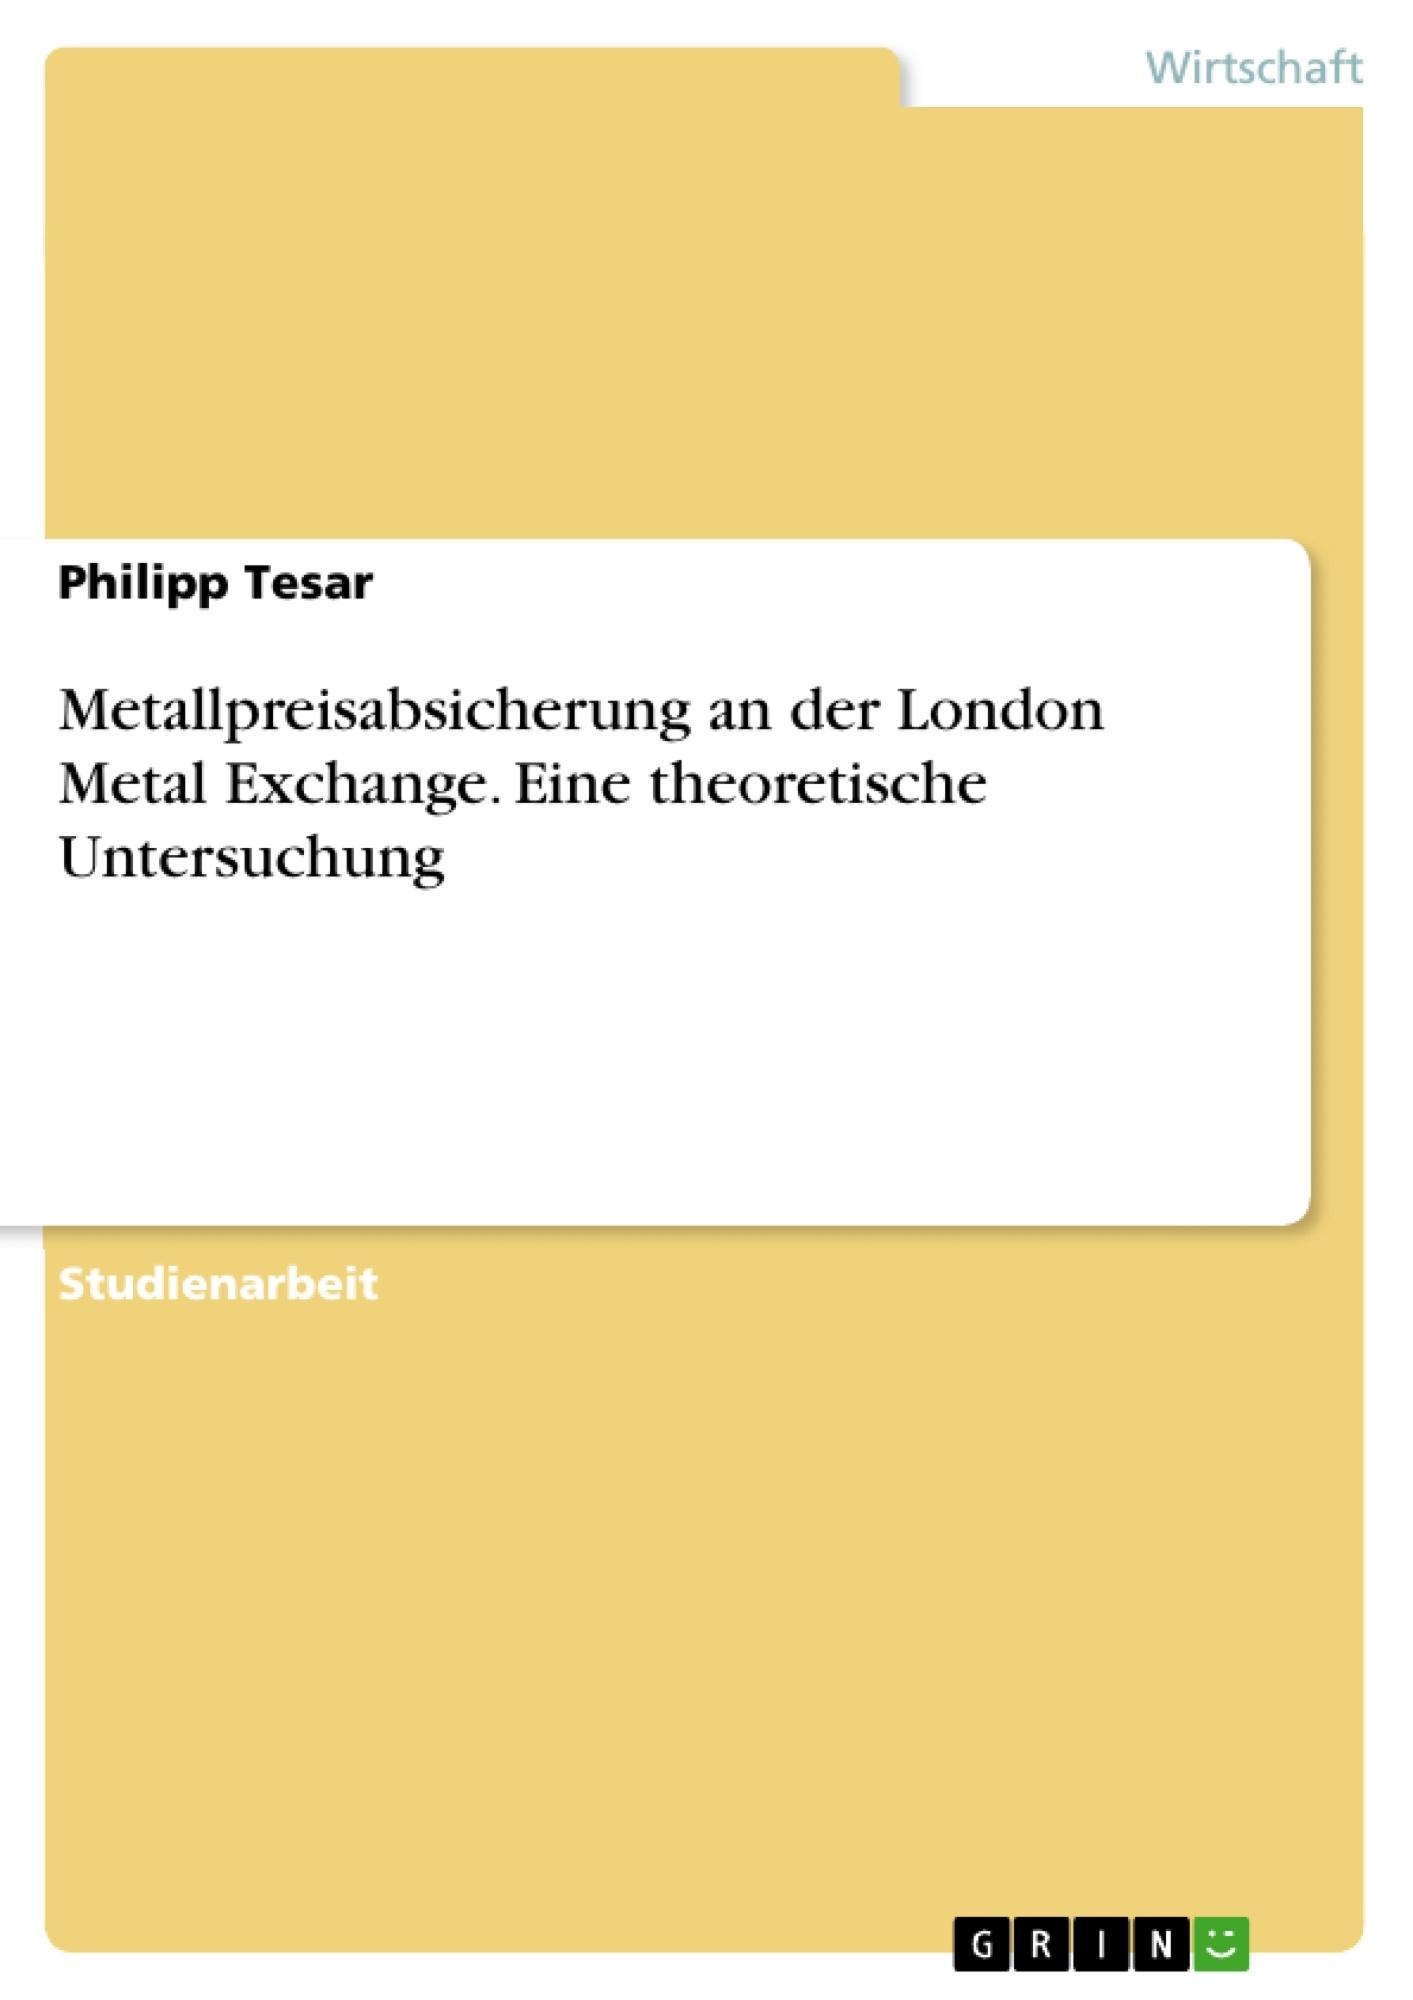 Titel: Metallpreisabsicherung an der London Metal Exchange. Eine theoretische Untersuchung